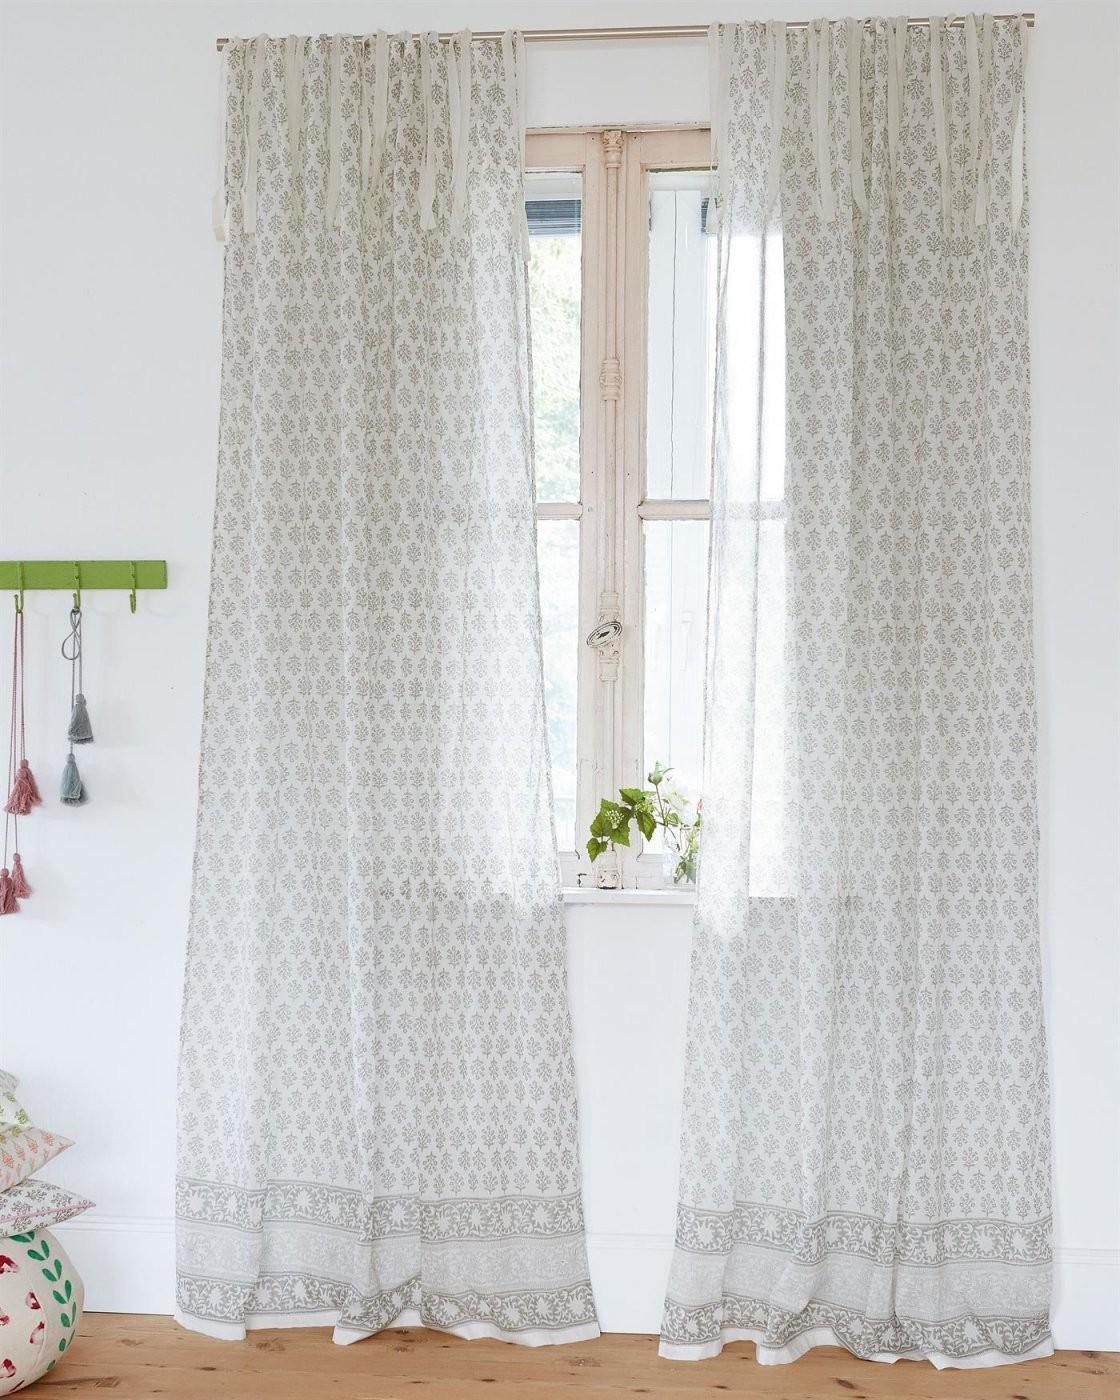 Transparente Vorhänge Finden Sie Hier  Vossberg von Vorhänge Mit Schlaufen Zum Binden Bild